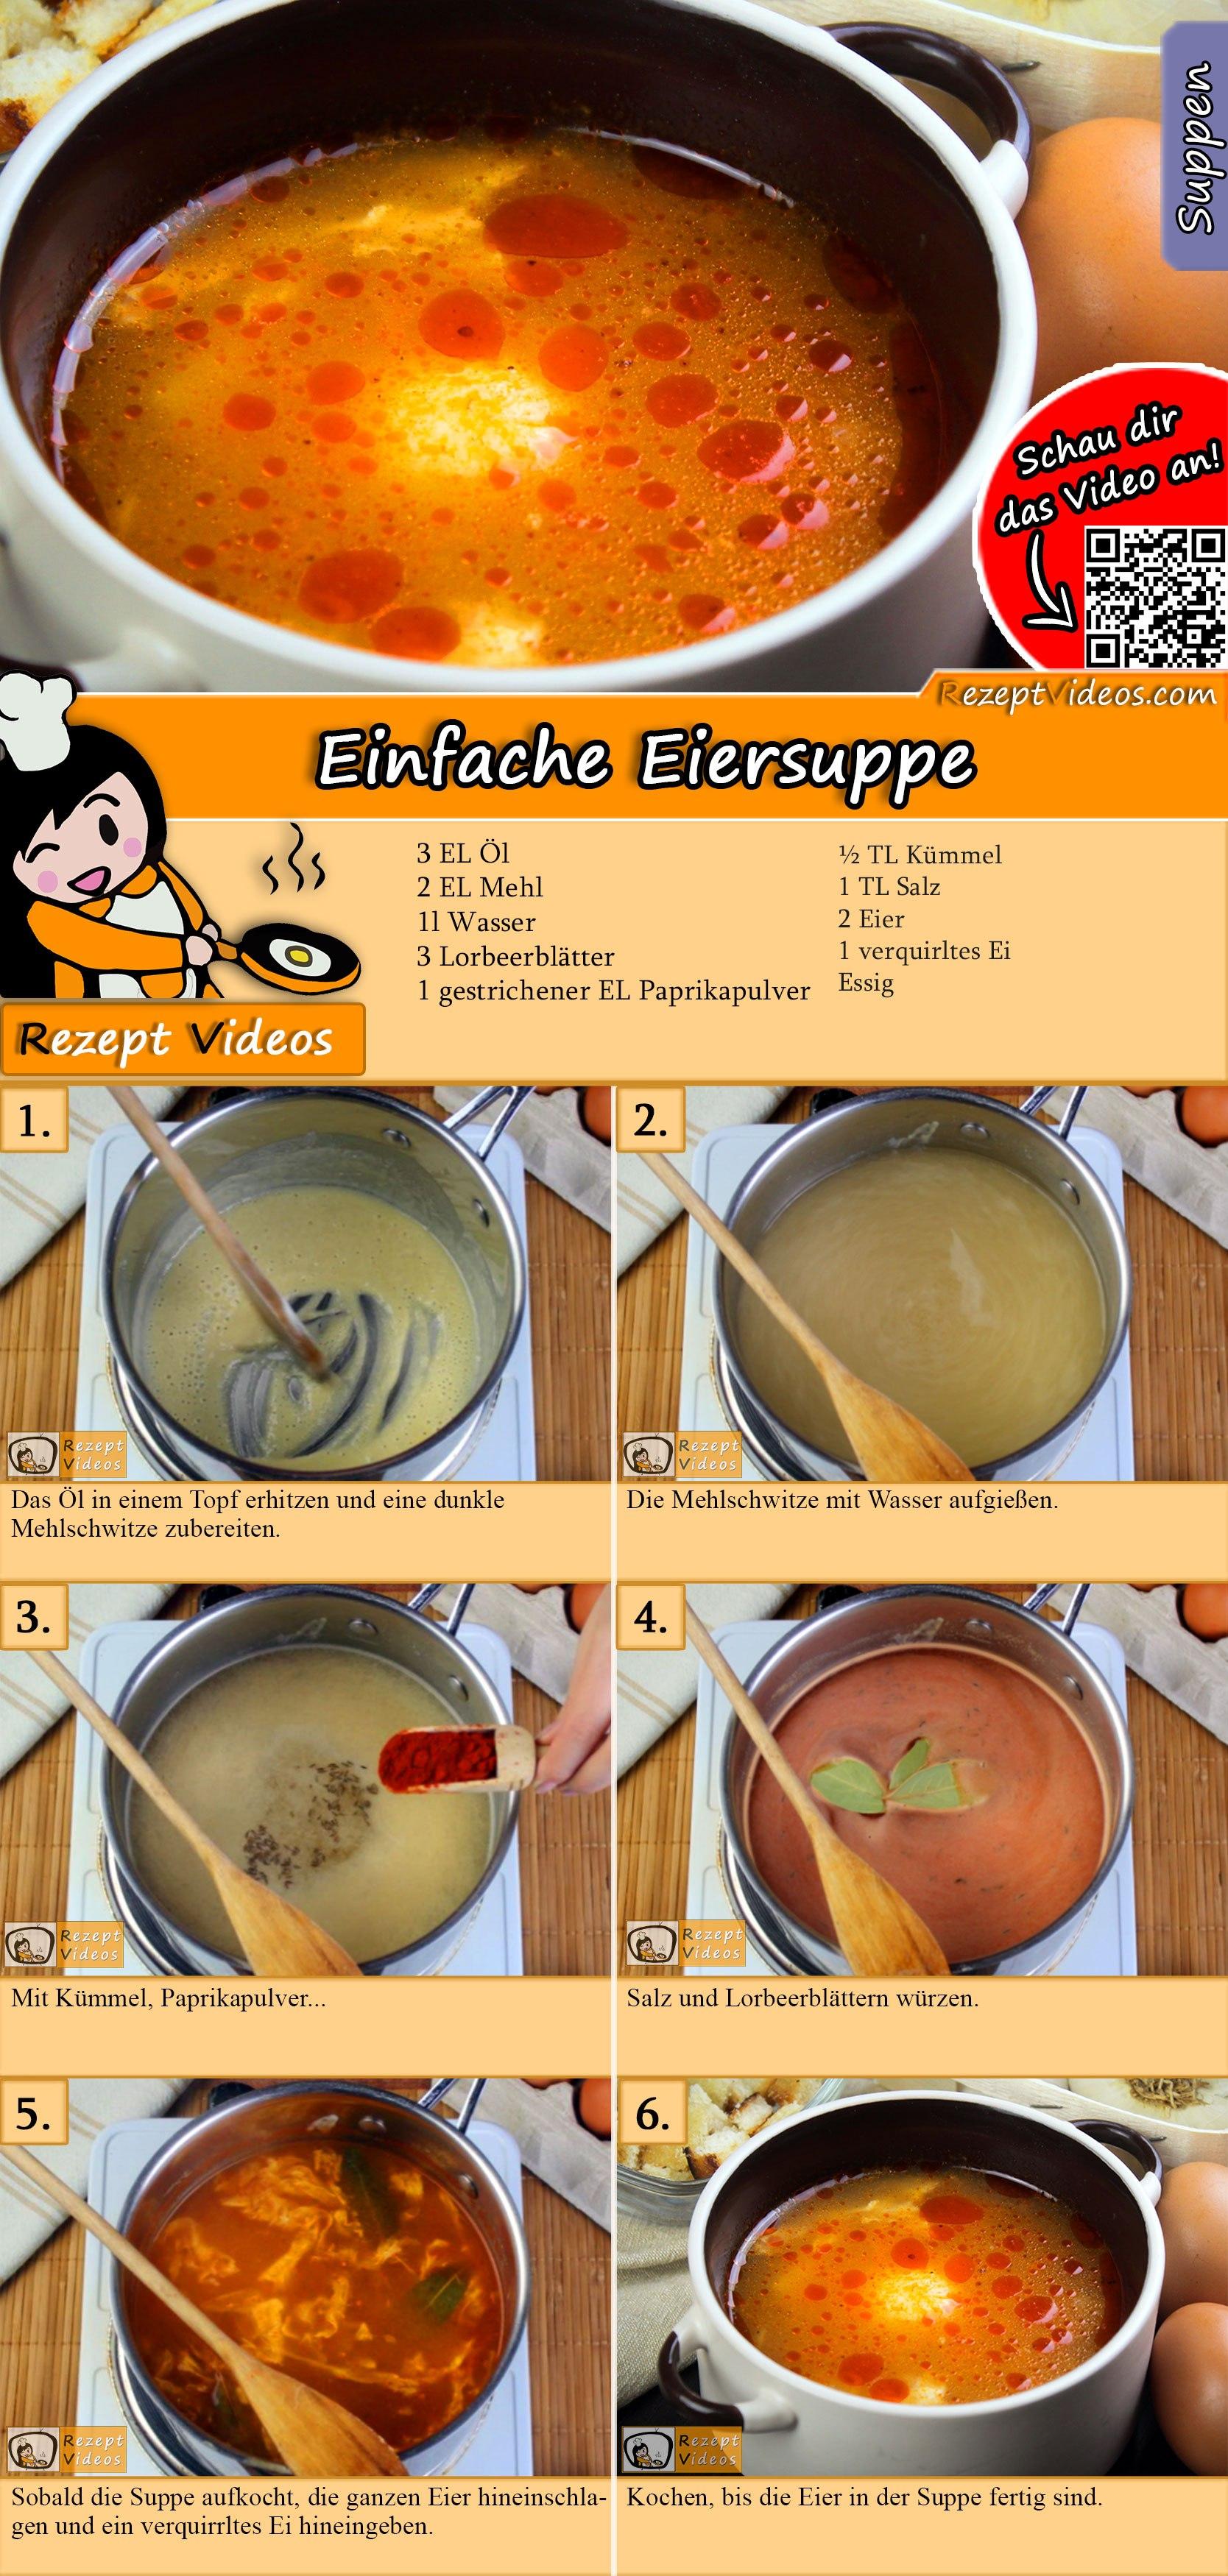 Einfache Eiersuppe Rezept mit Video